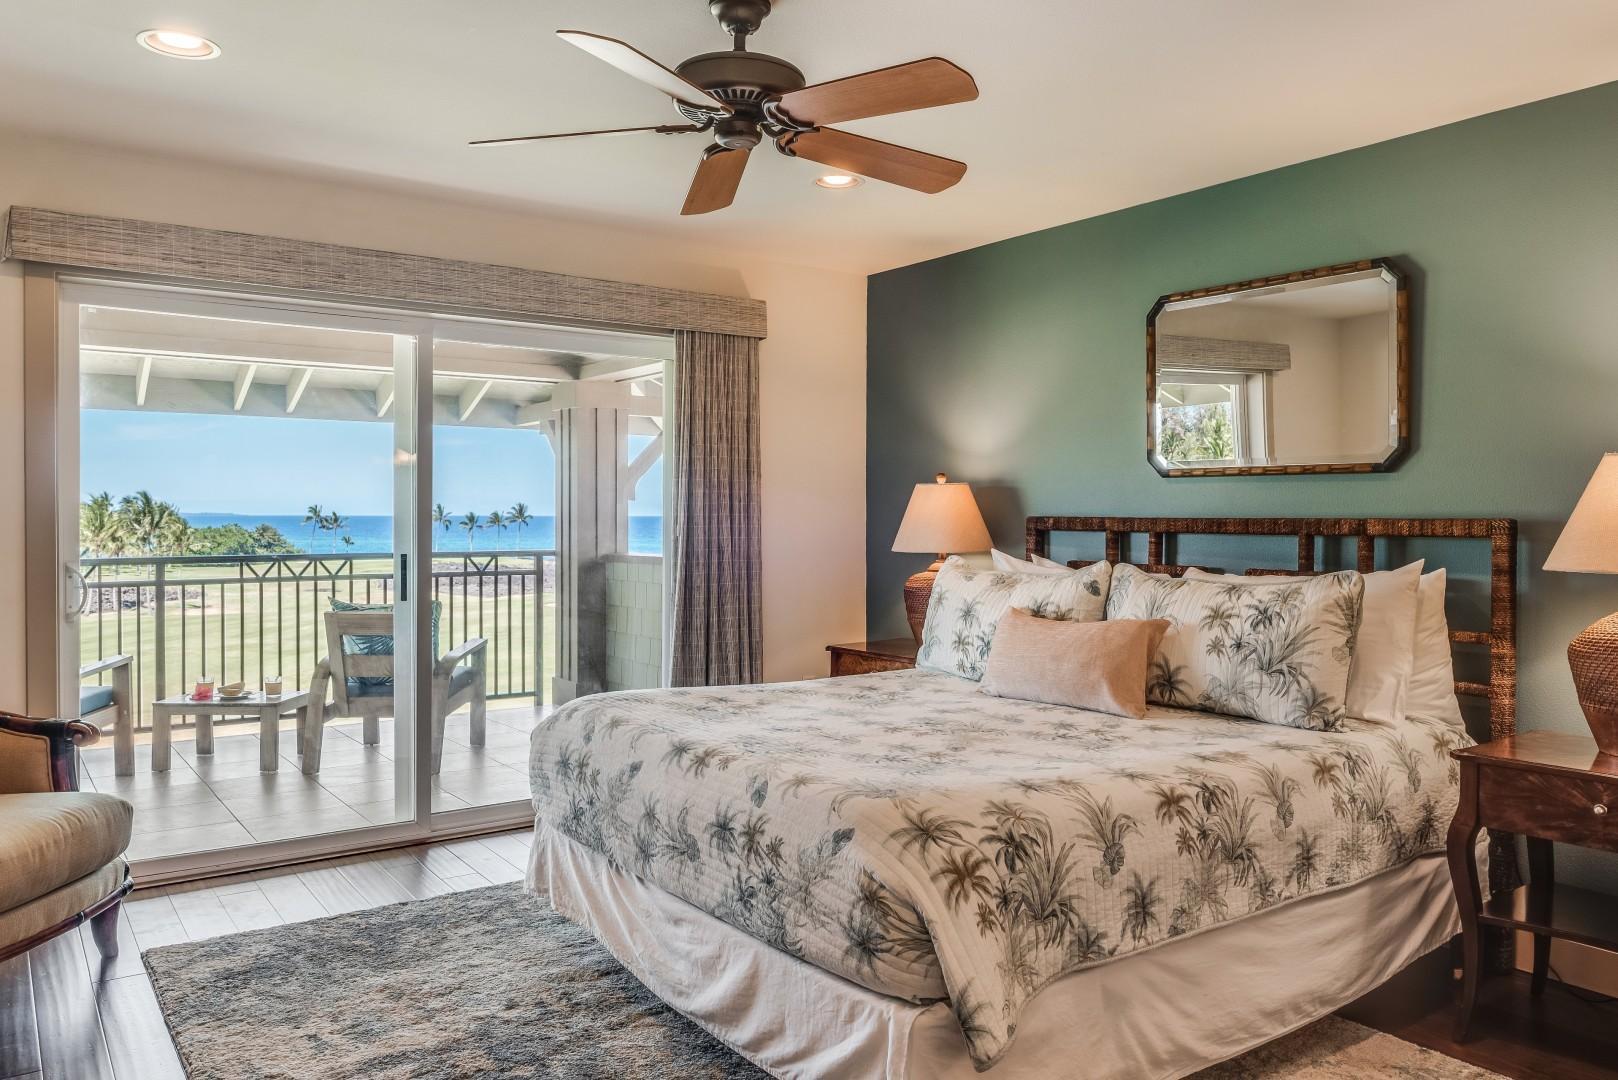 Alternate view of master bedroom w/ ocean view